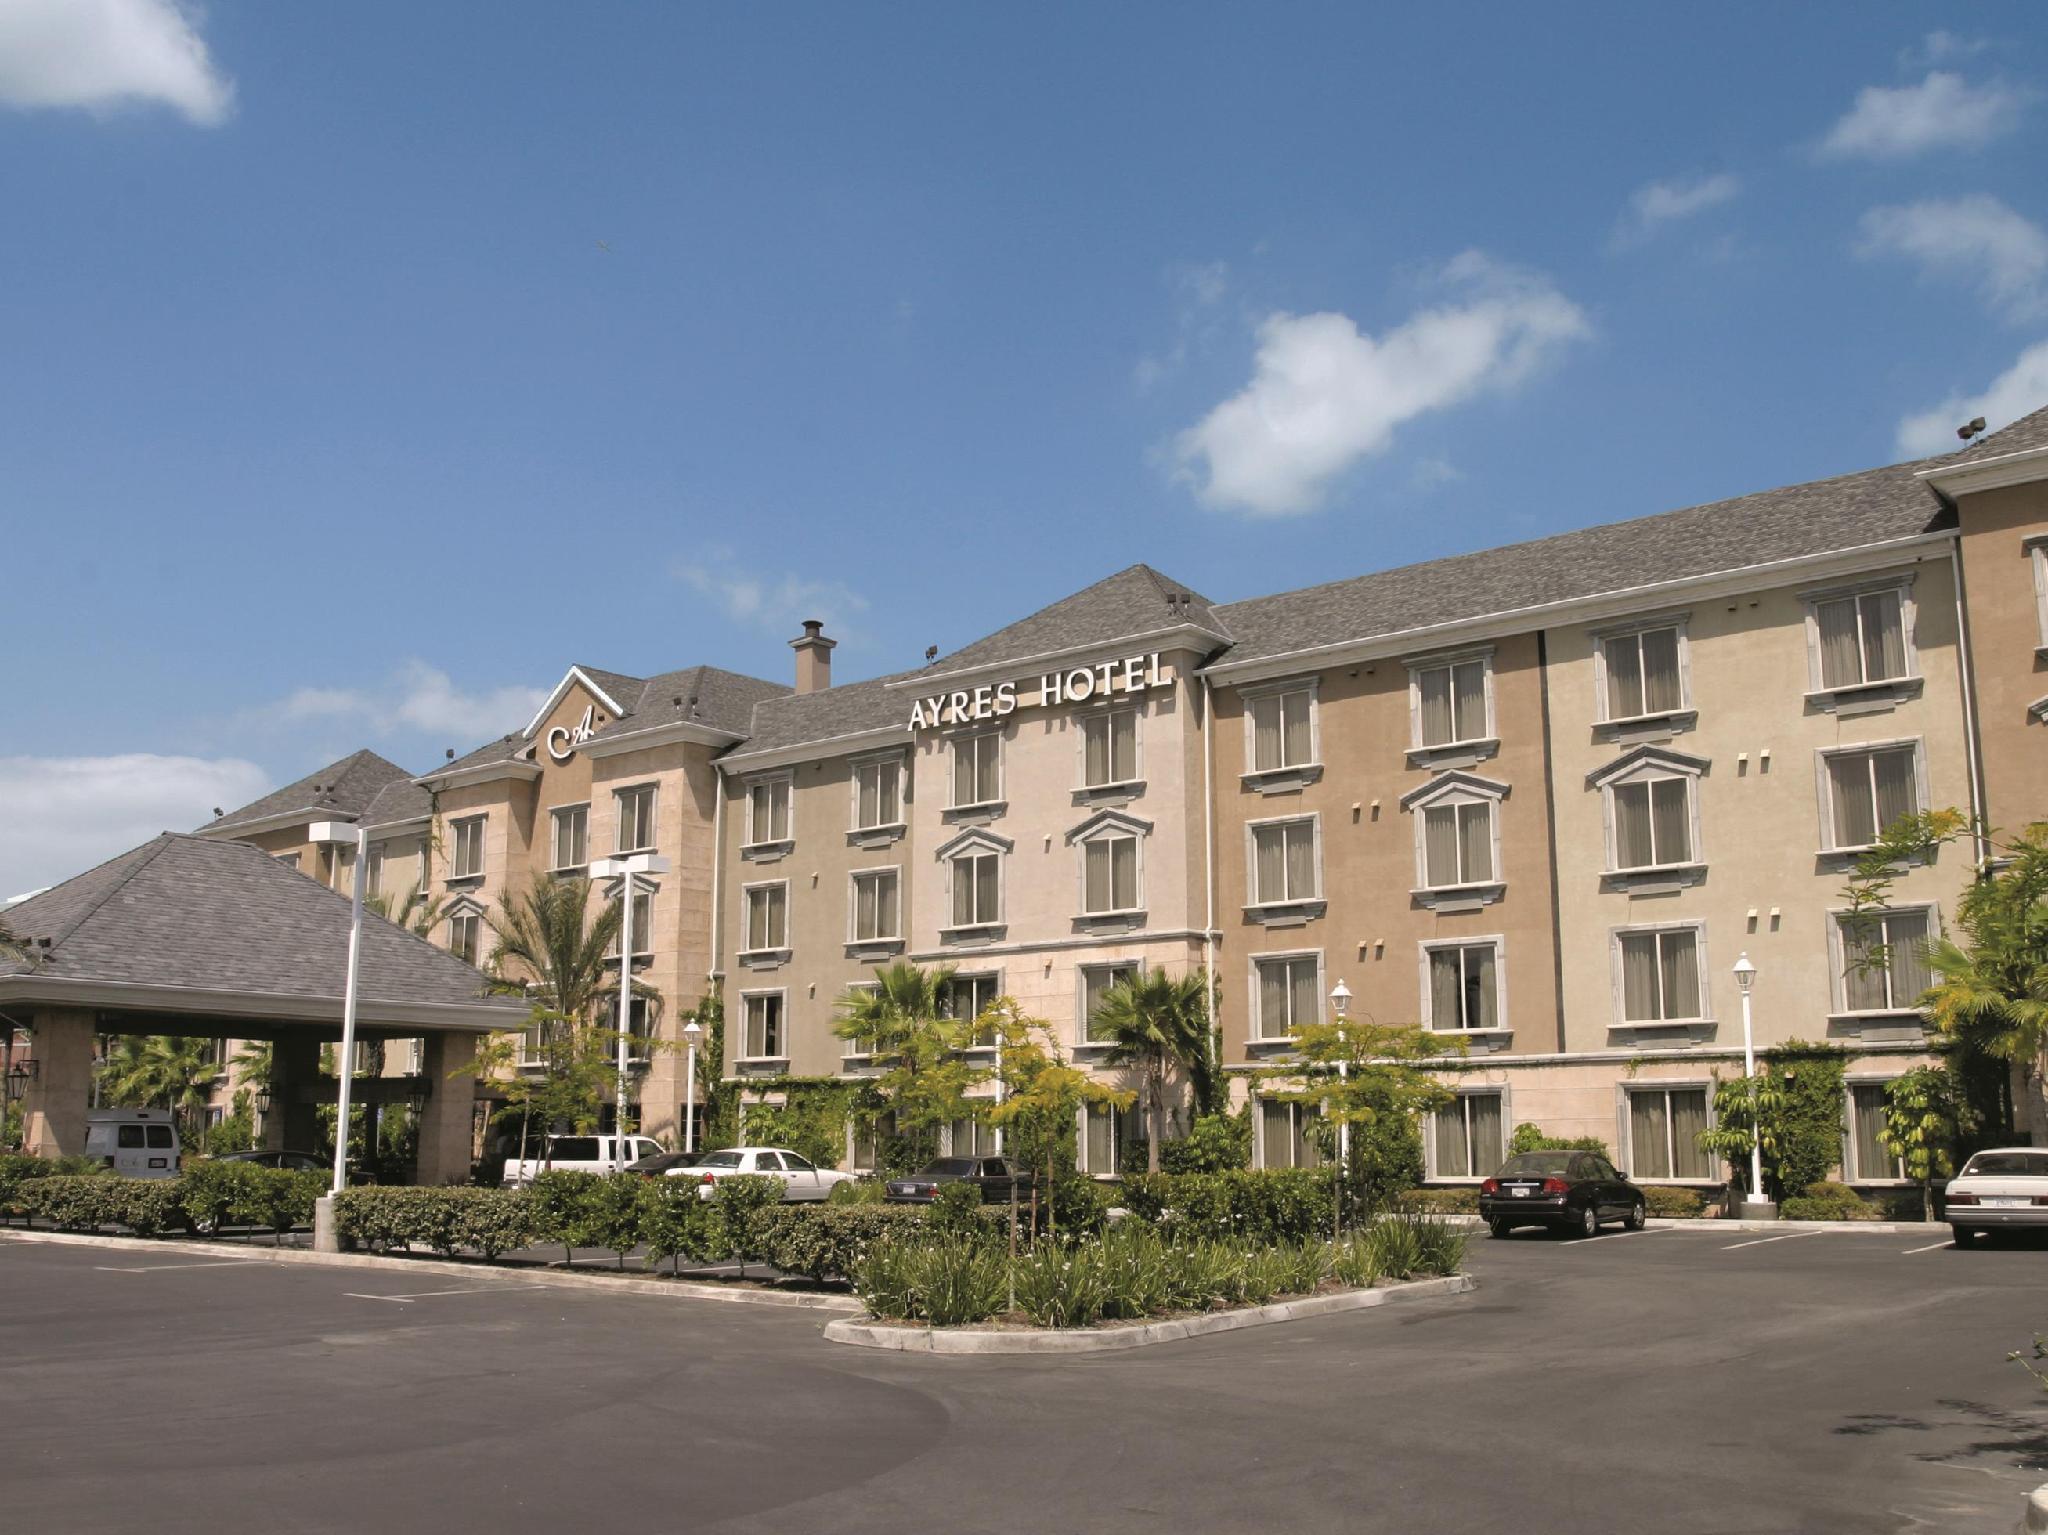 Ayres Hotel Anaheim - Anaheim